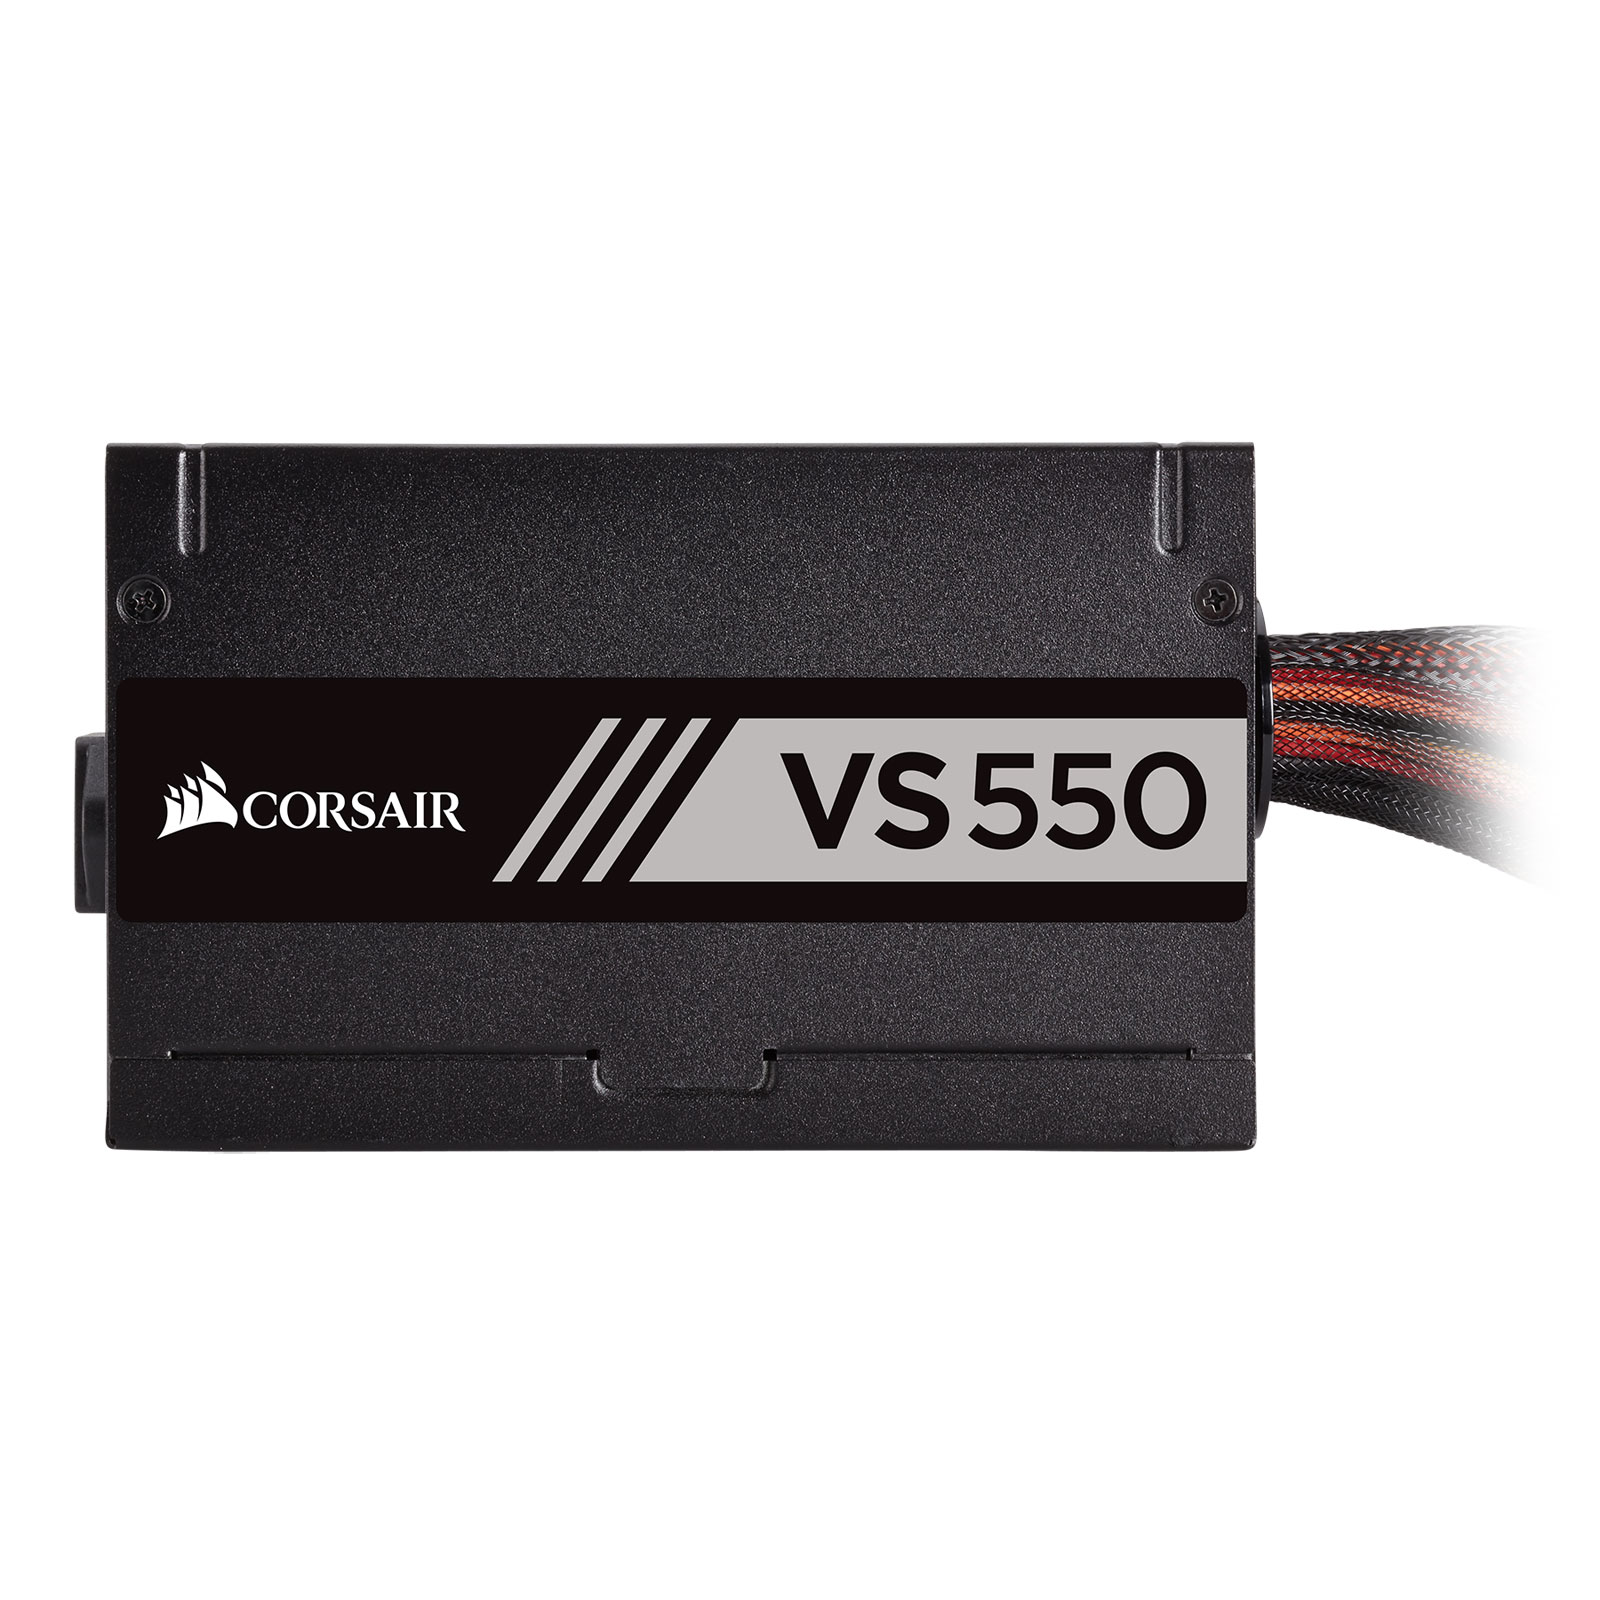 Corsair VS550 80+ (550W) - Alimentation Corsair - Cybertek.fr - 3